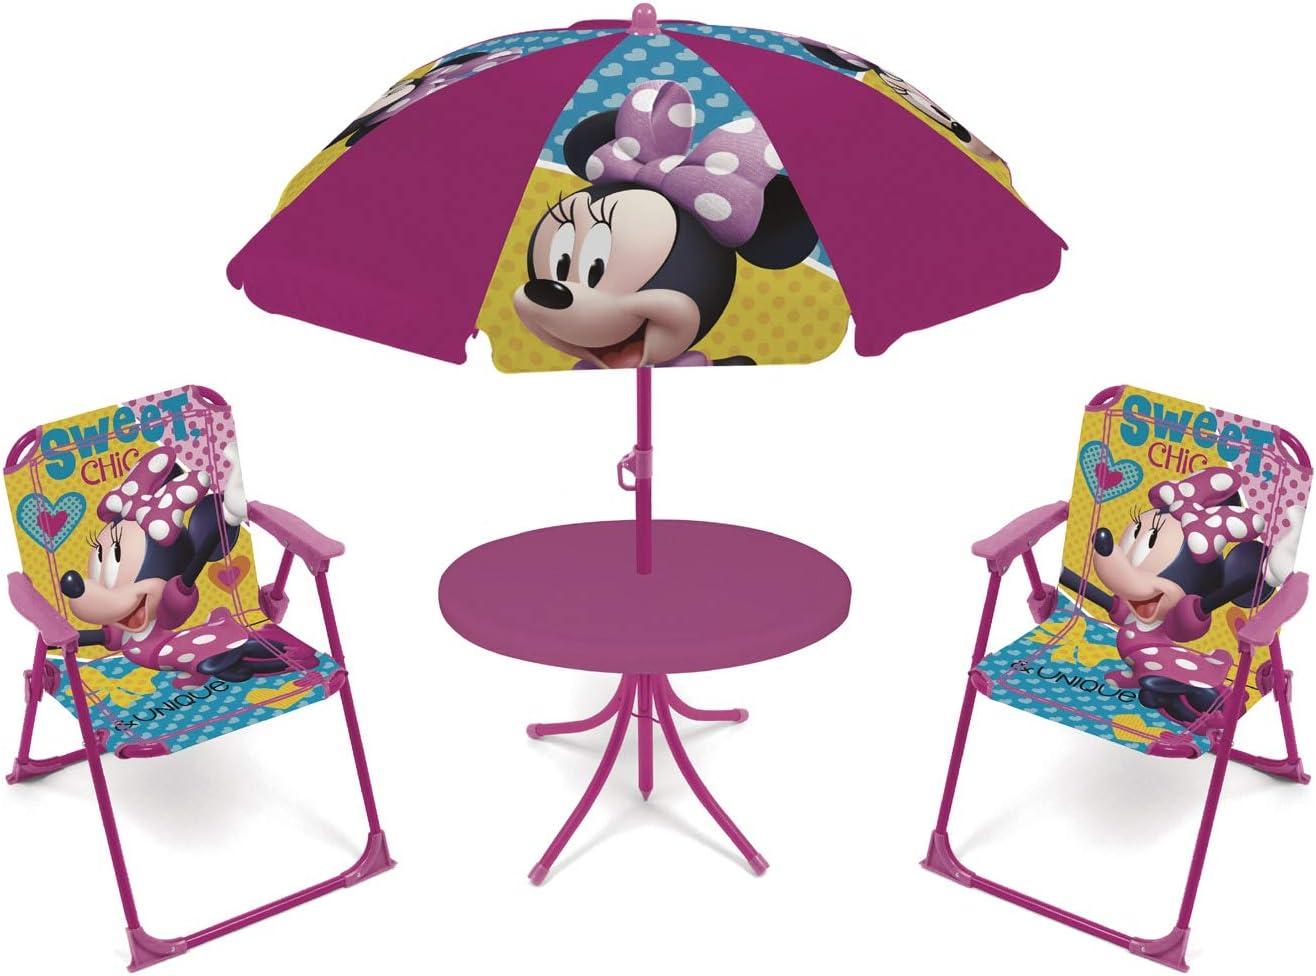 ARDITEX WD12602 Set de Mesa (50x50x48cm), 2 Sillas (38x32x53cm) y Sombrilla (diámetro 110cm) de Disney-Minnie